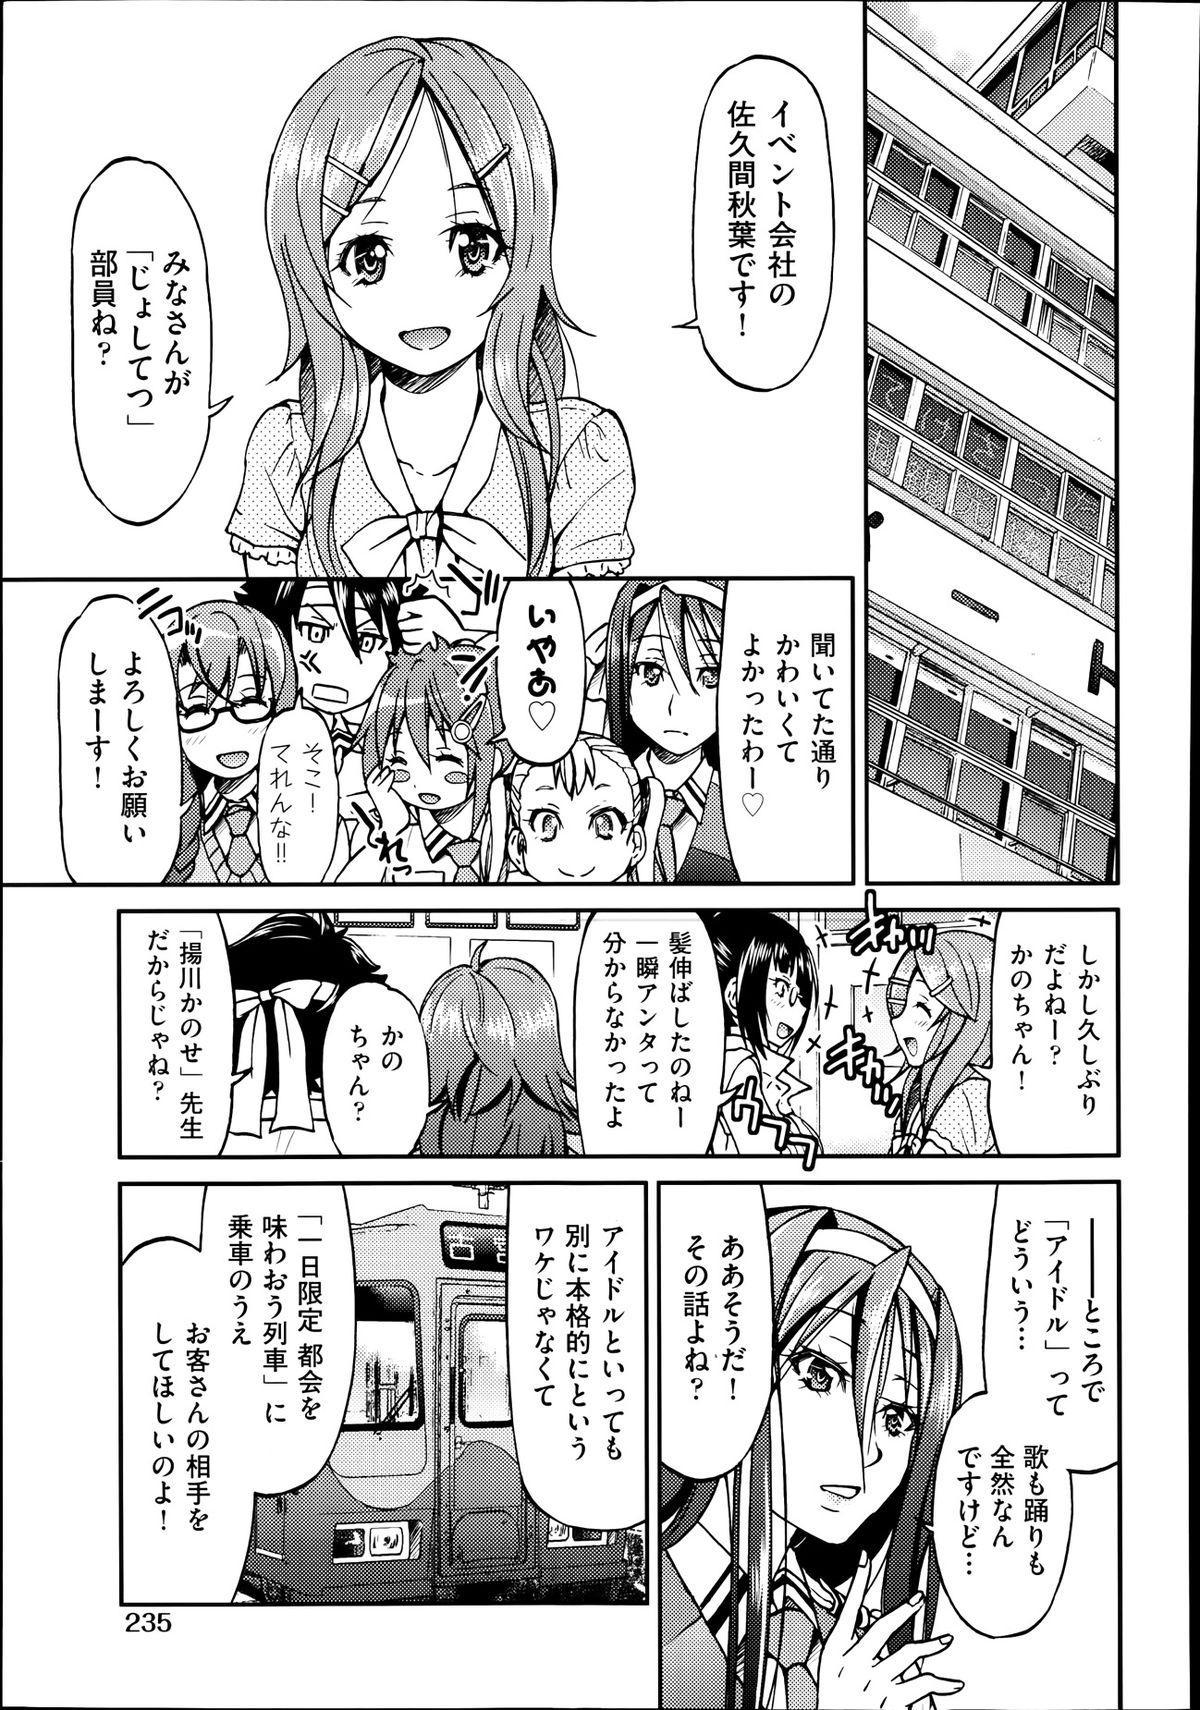 [Inoue Yoshihisa] Joshitetsu -Girls railway Geek- Ch.1-7 149